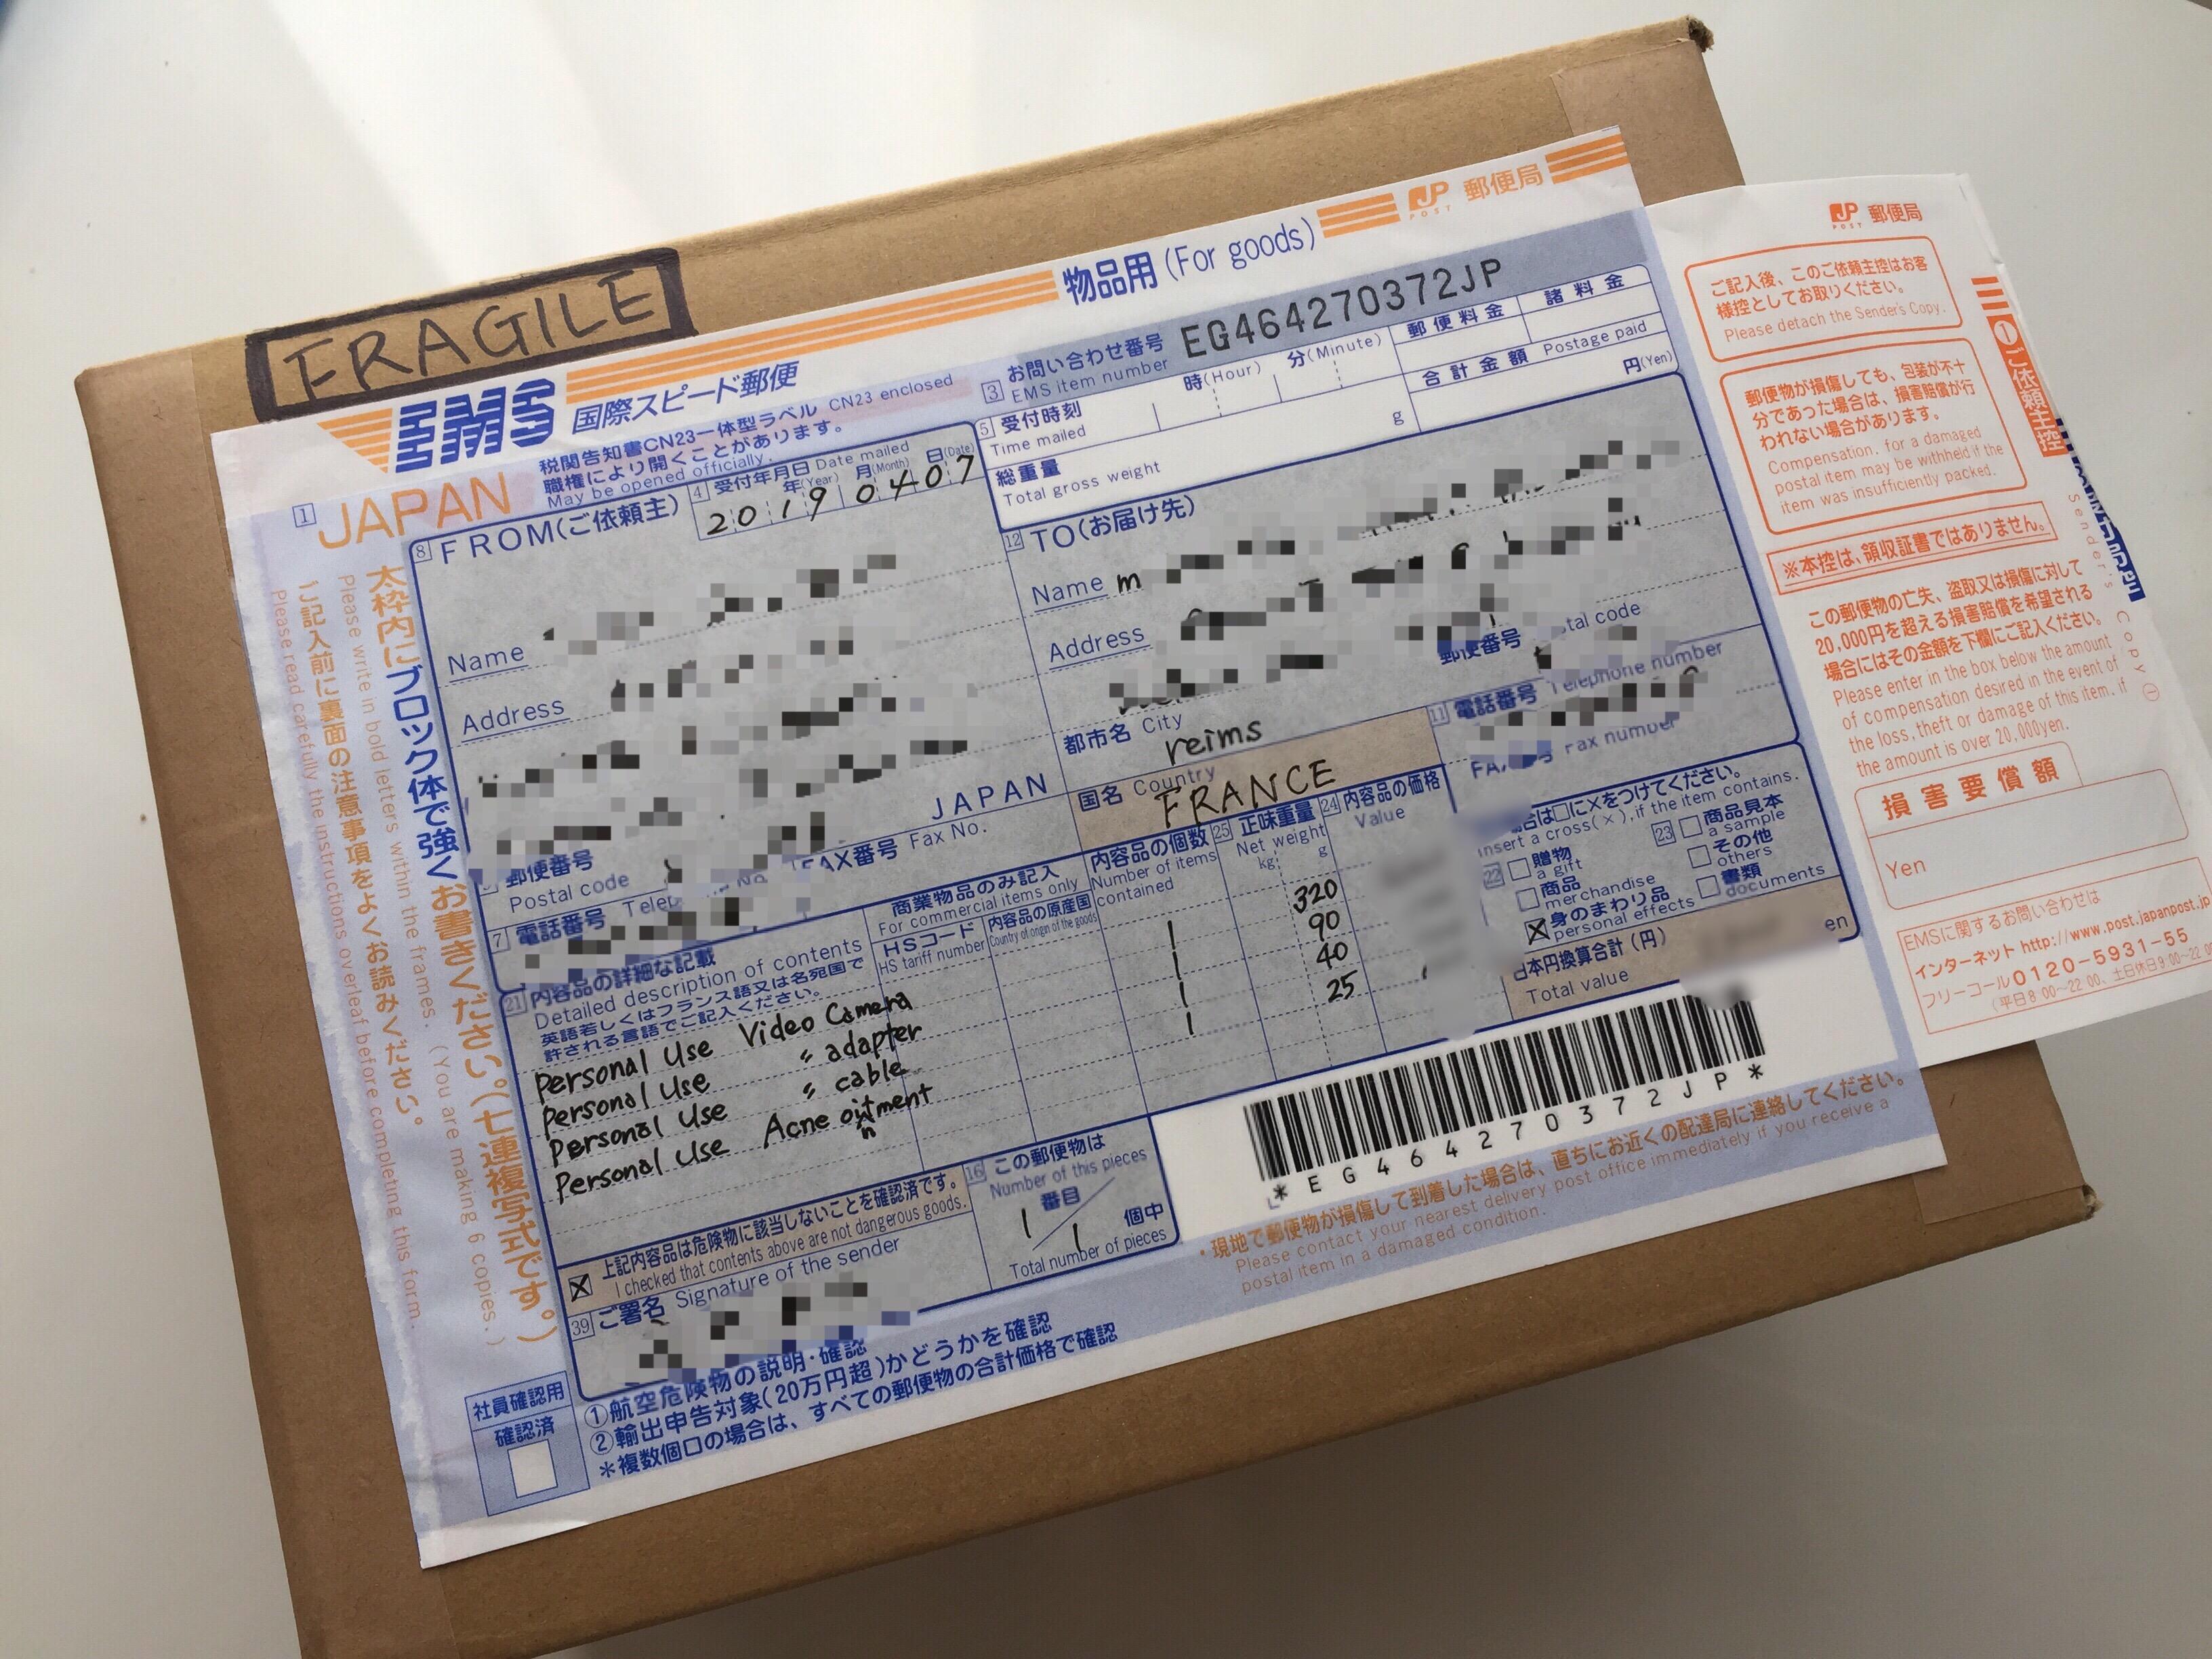 EMSを使ってフランスまで荷物を送る方法~到着するまでをご紹介!